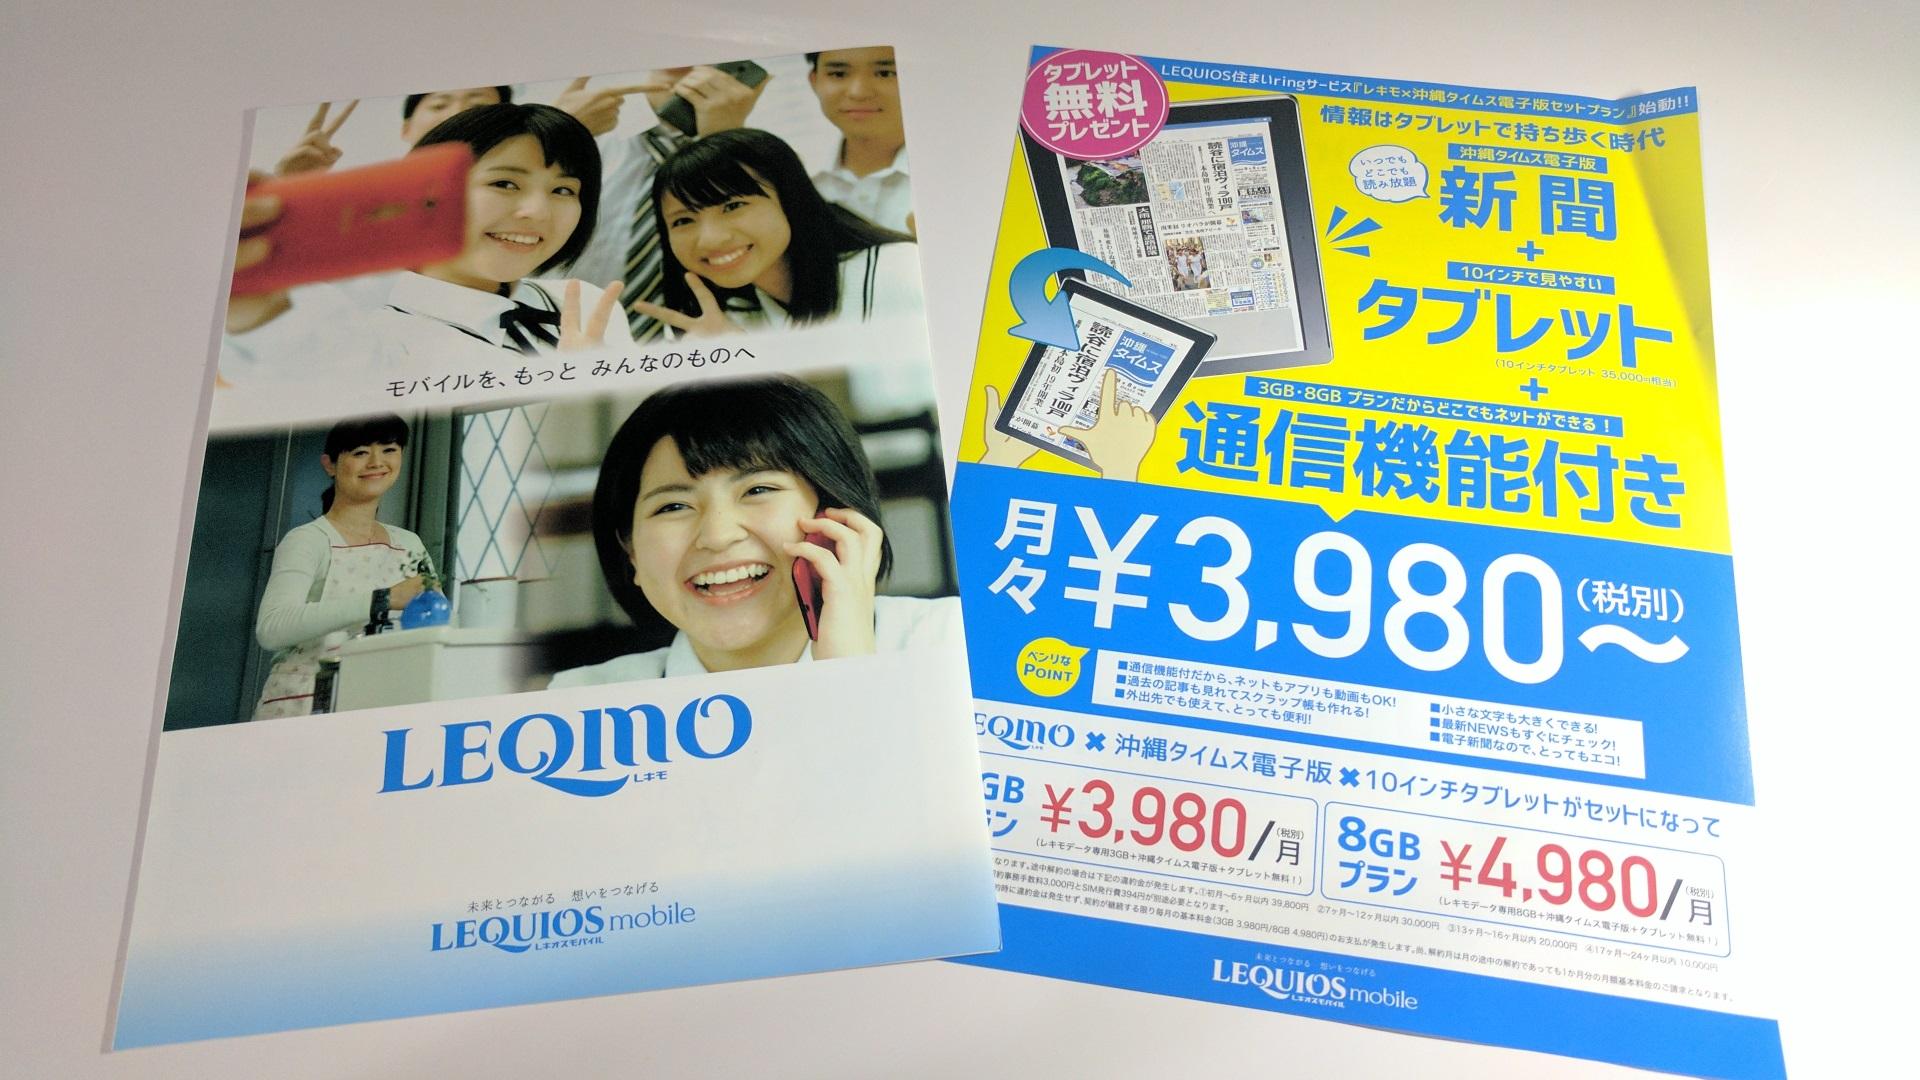 【レビュー】沖縄発のMVNO唯一の実店舗「レキオスモバイル おもろまち店」はこんなところ